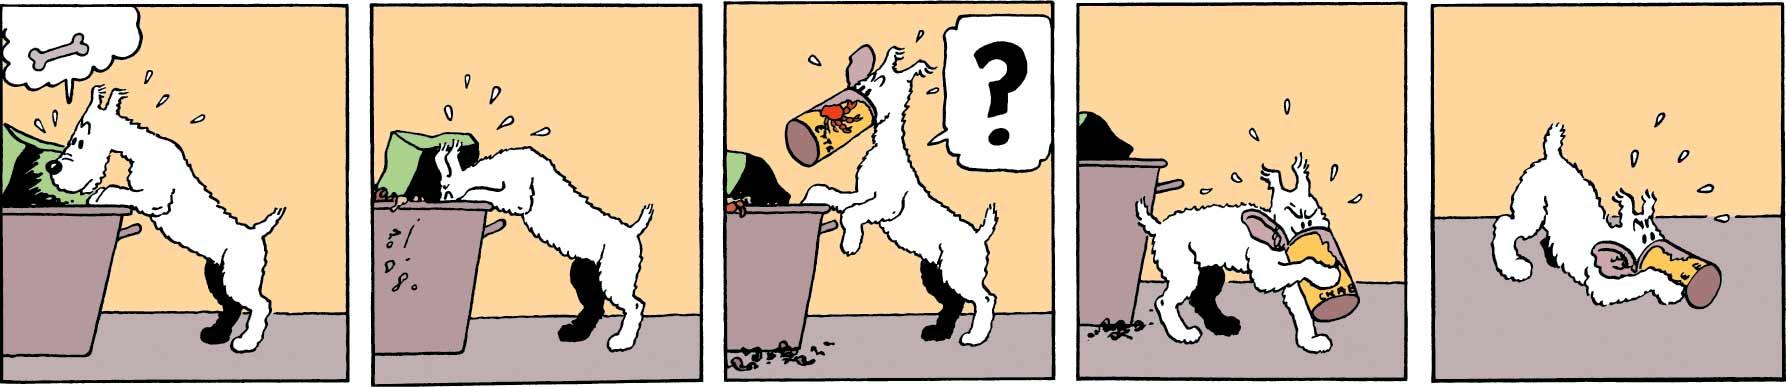 Tintin - Les Aventures De Tintin - Le Crabe Aux Pinces d'or - Milou